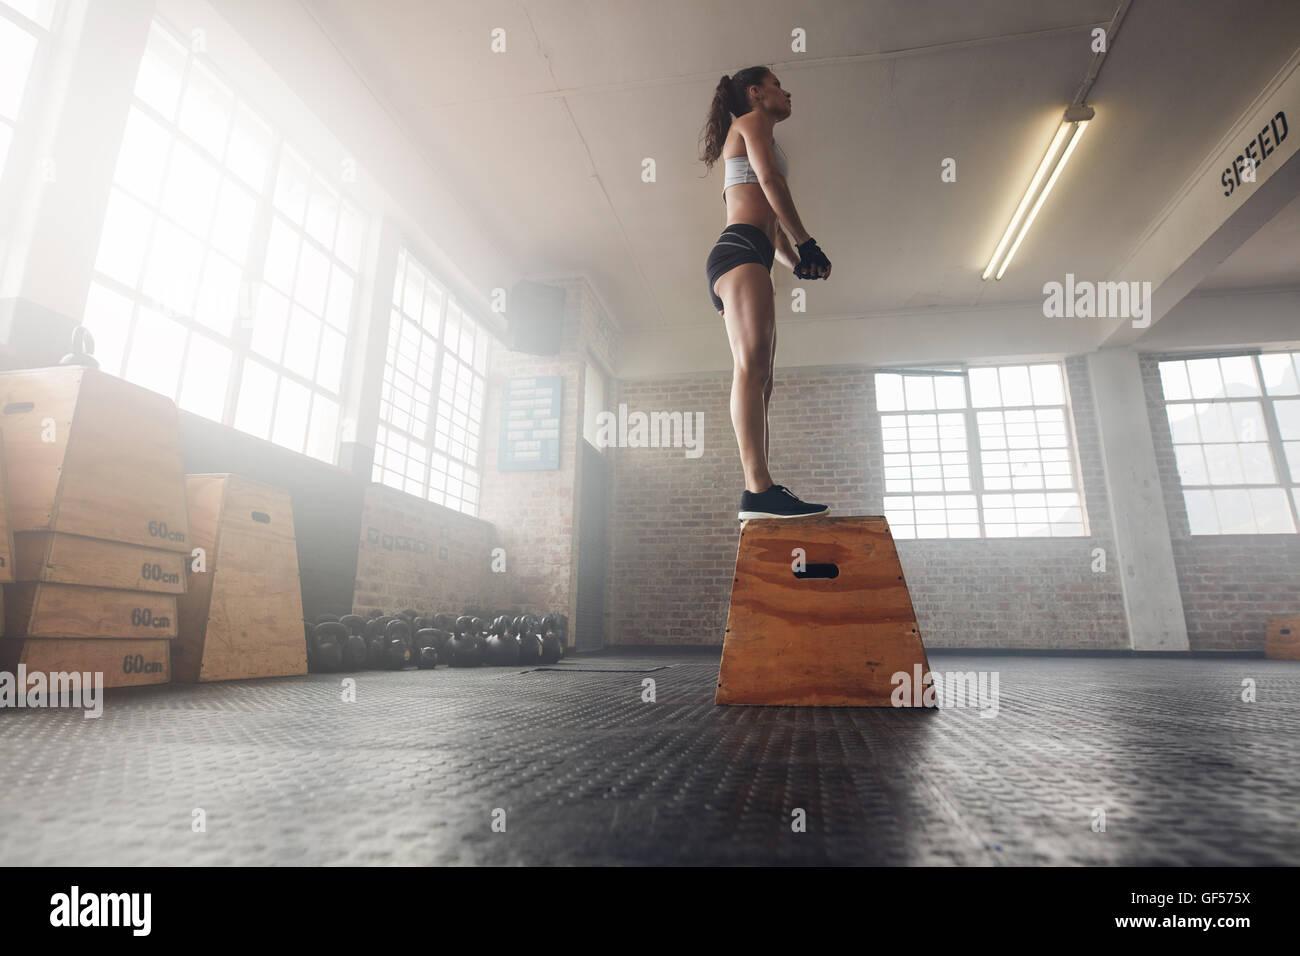 Low angle view of fit young modèle féminin en vêtements sports debout sur un fort à la salle de sport. Femme musclée Banque D'Images